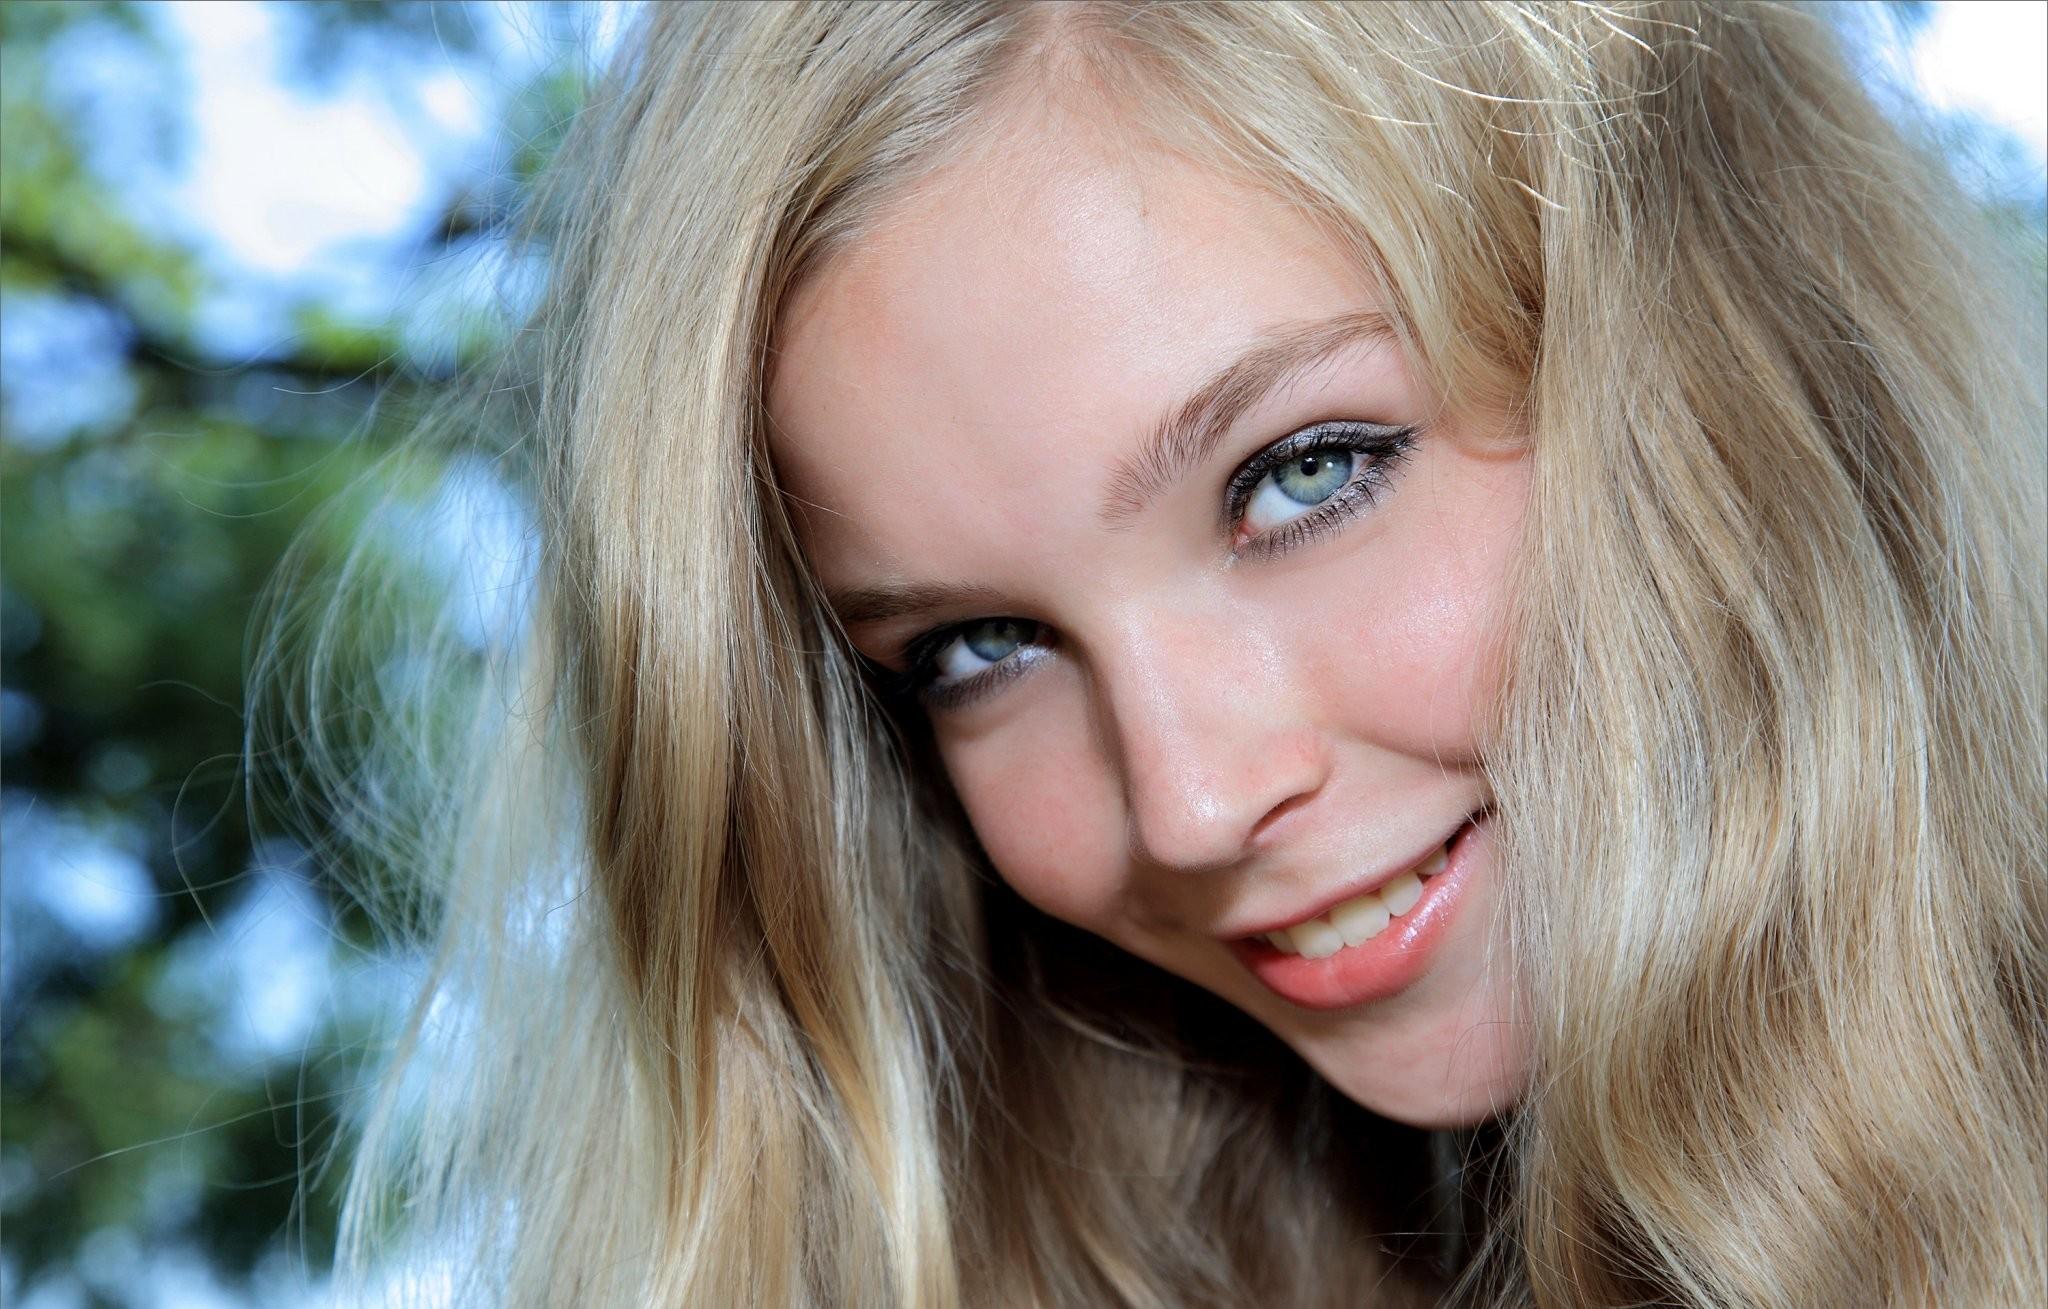 Села молоденькому на лицо 5 фотография